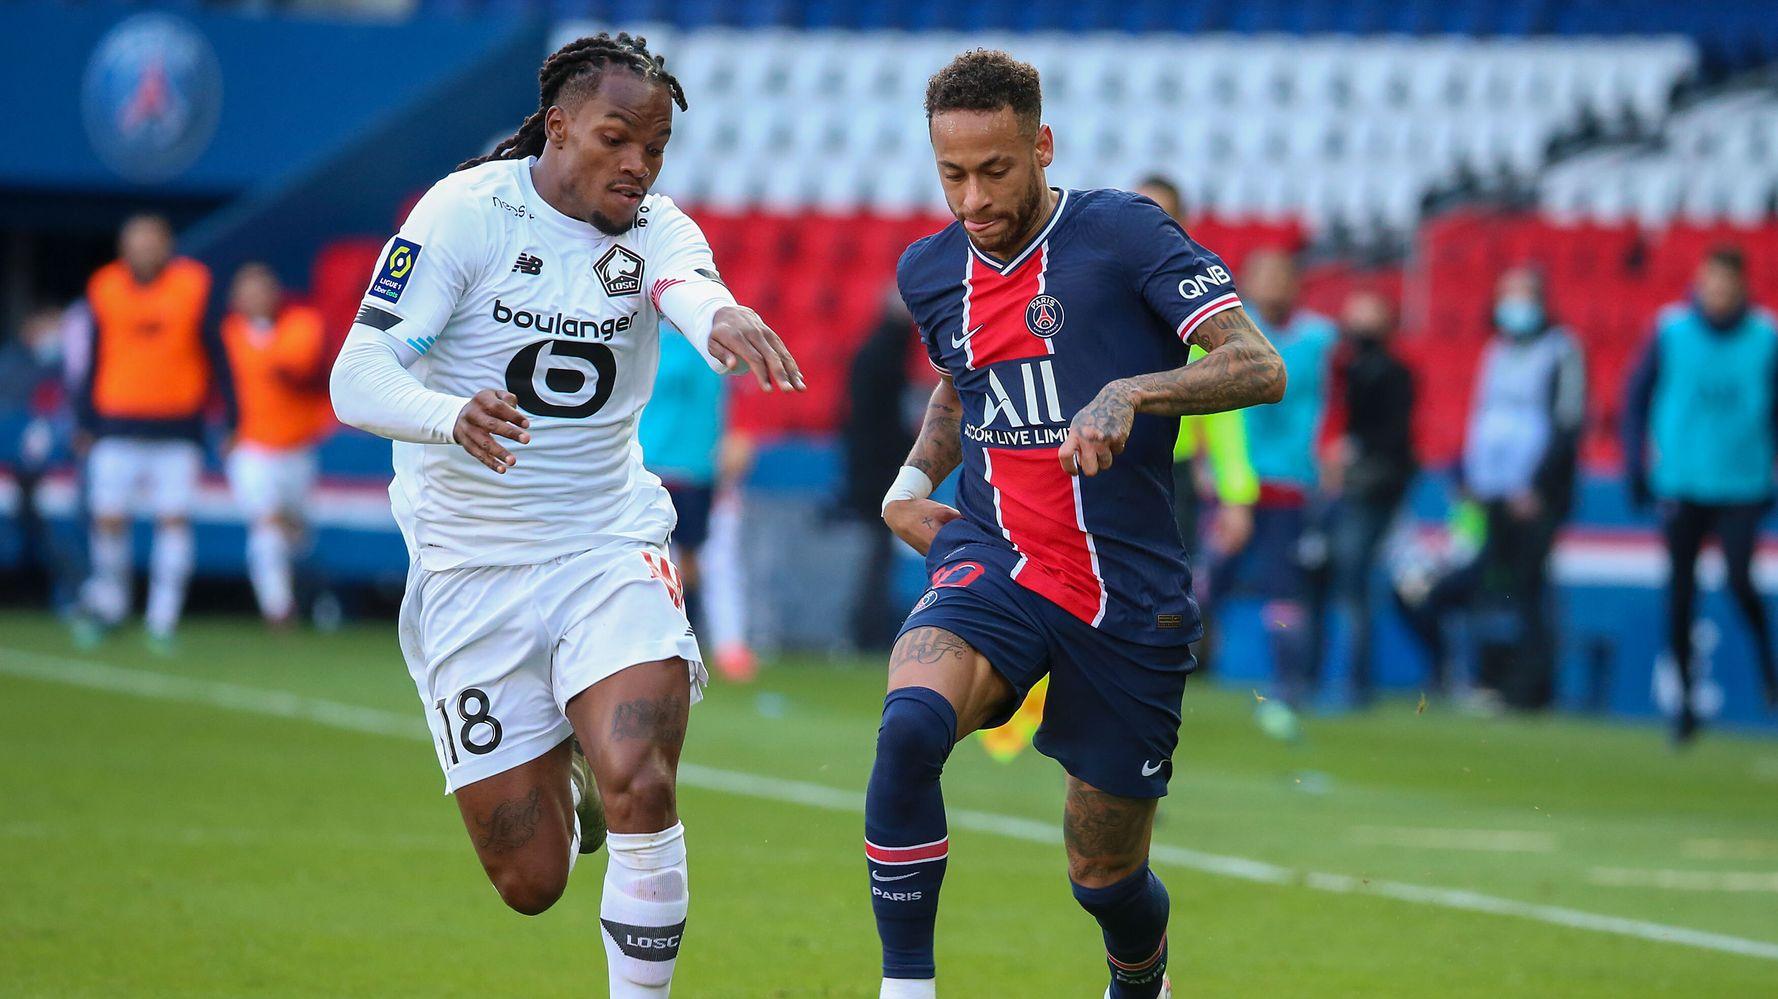 Ligue 1: Lille, le PSG ou Monaco champion de France? Les scénarios possibles